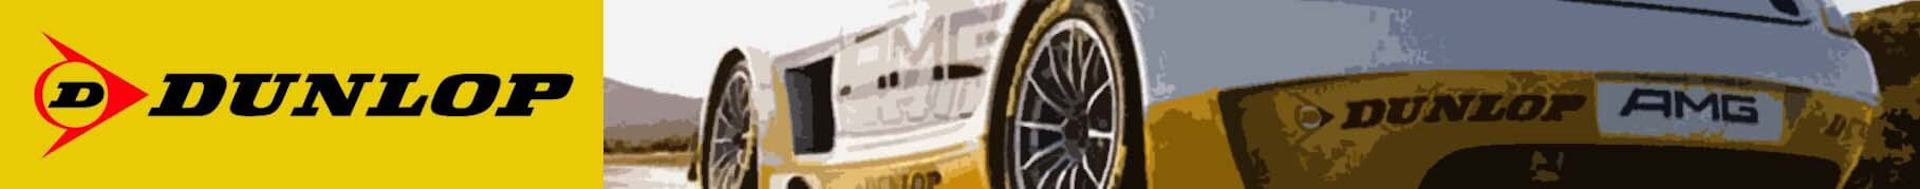 Dunlop piccoli elettrodomestici banner